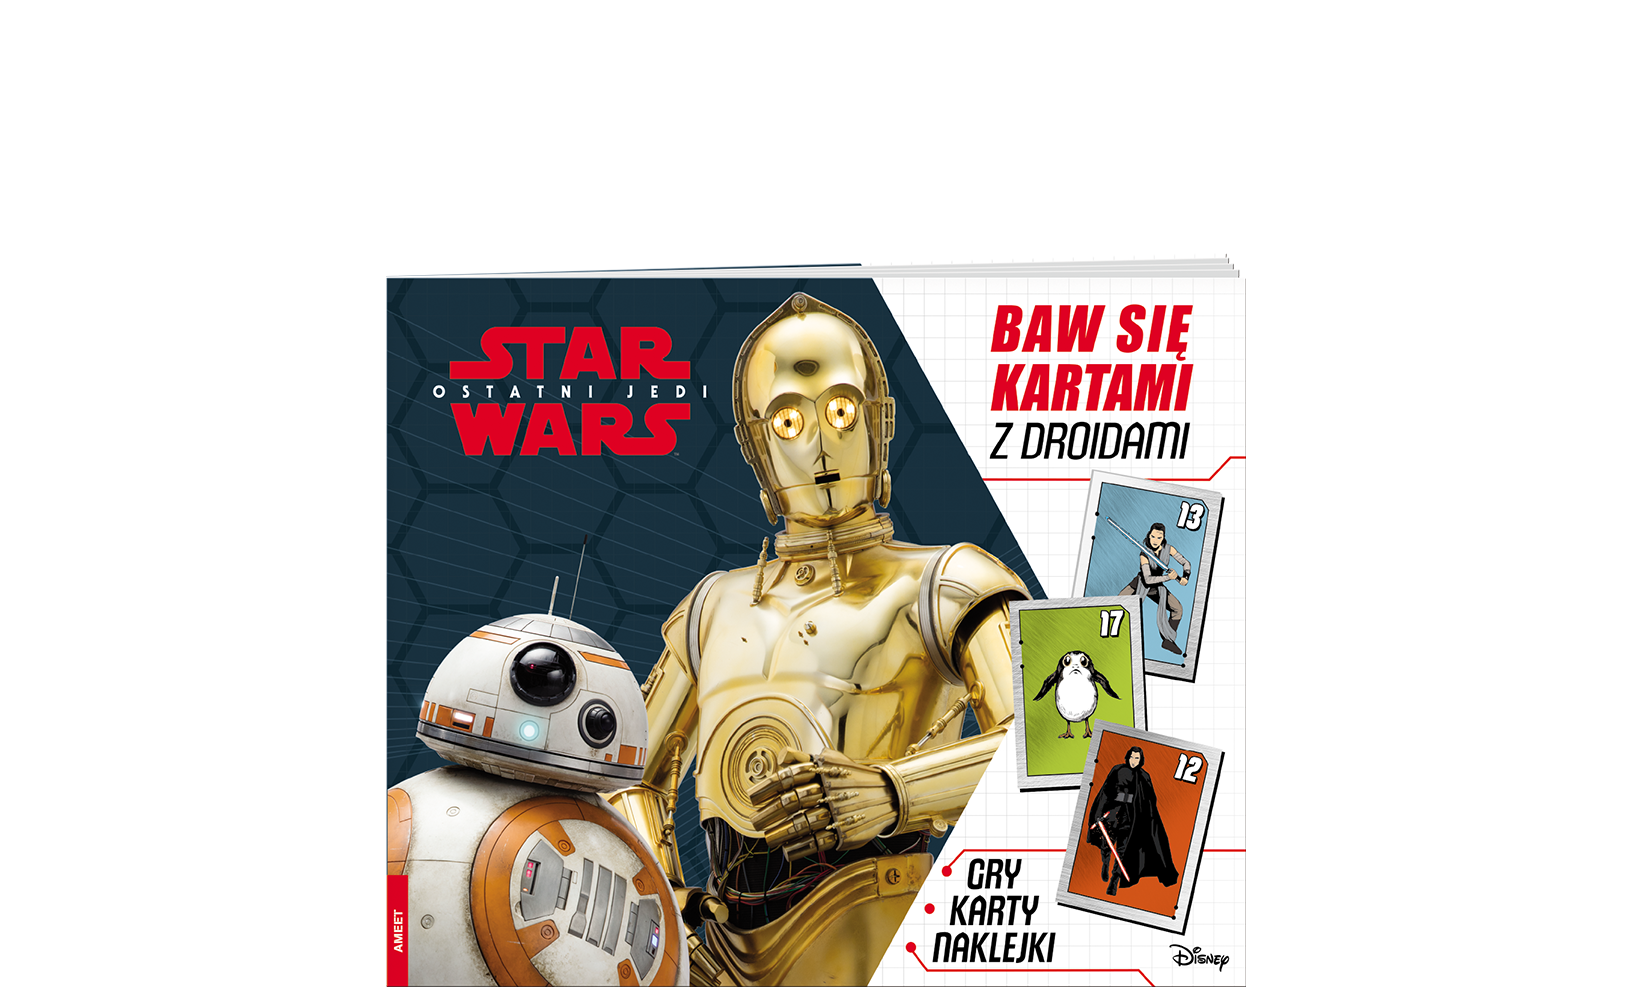 Star Wars™ Ostatni Jedi. Baw się kartami zdroidami